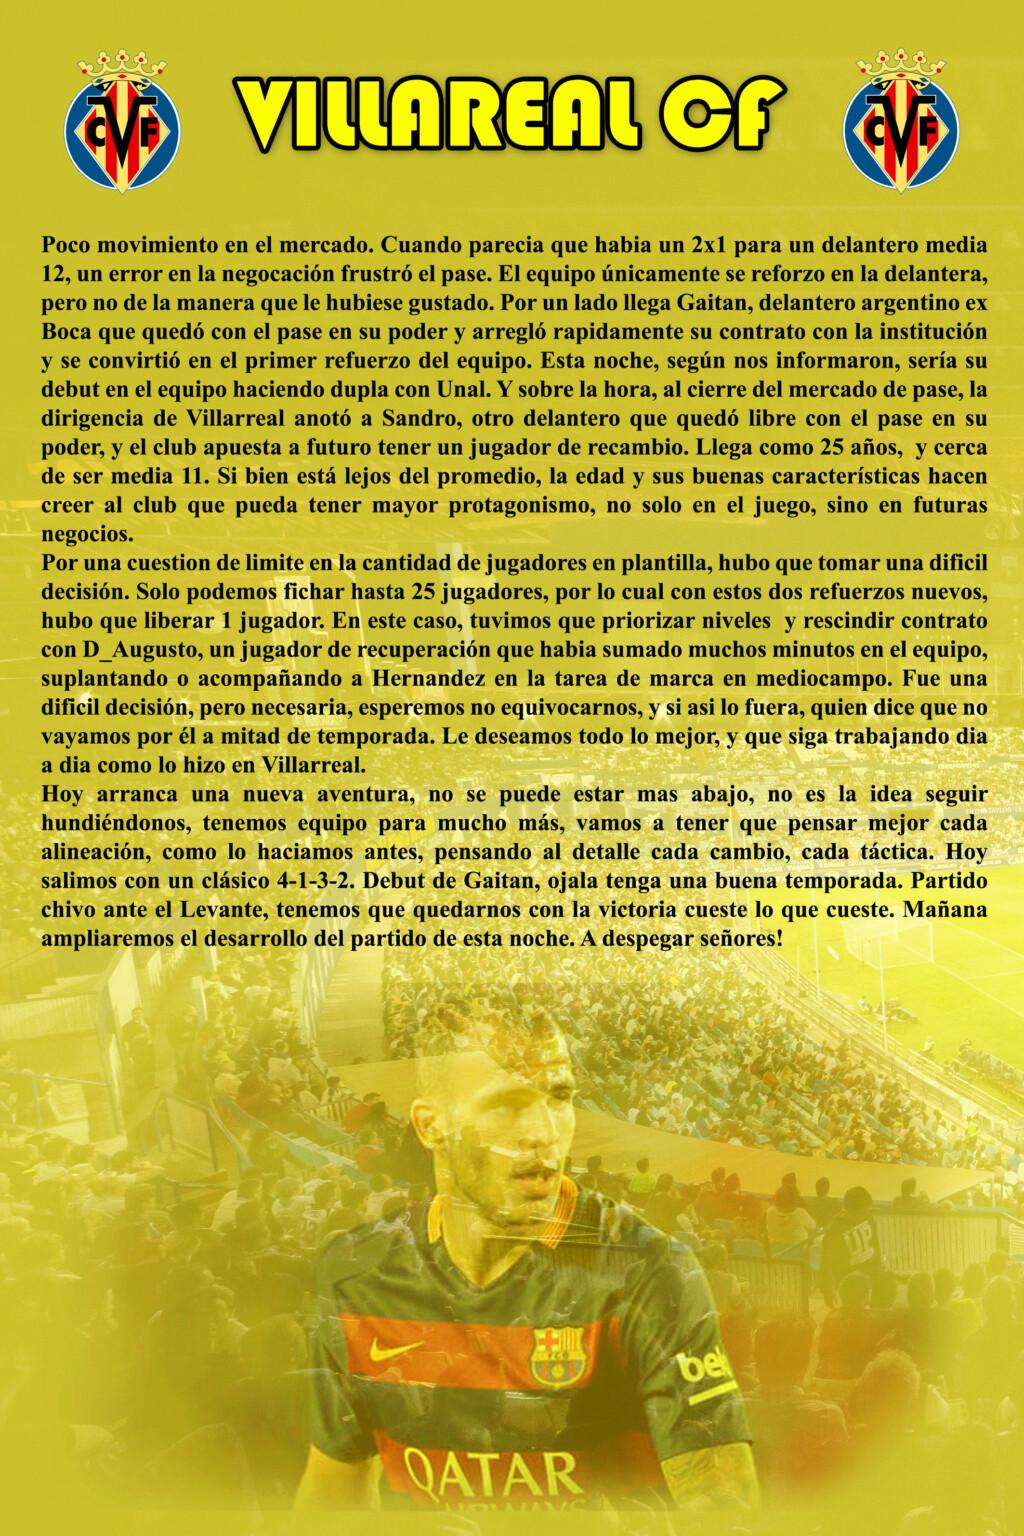 VILLAREAL CF Villar25